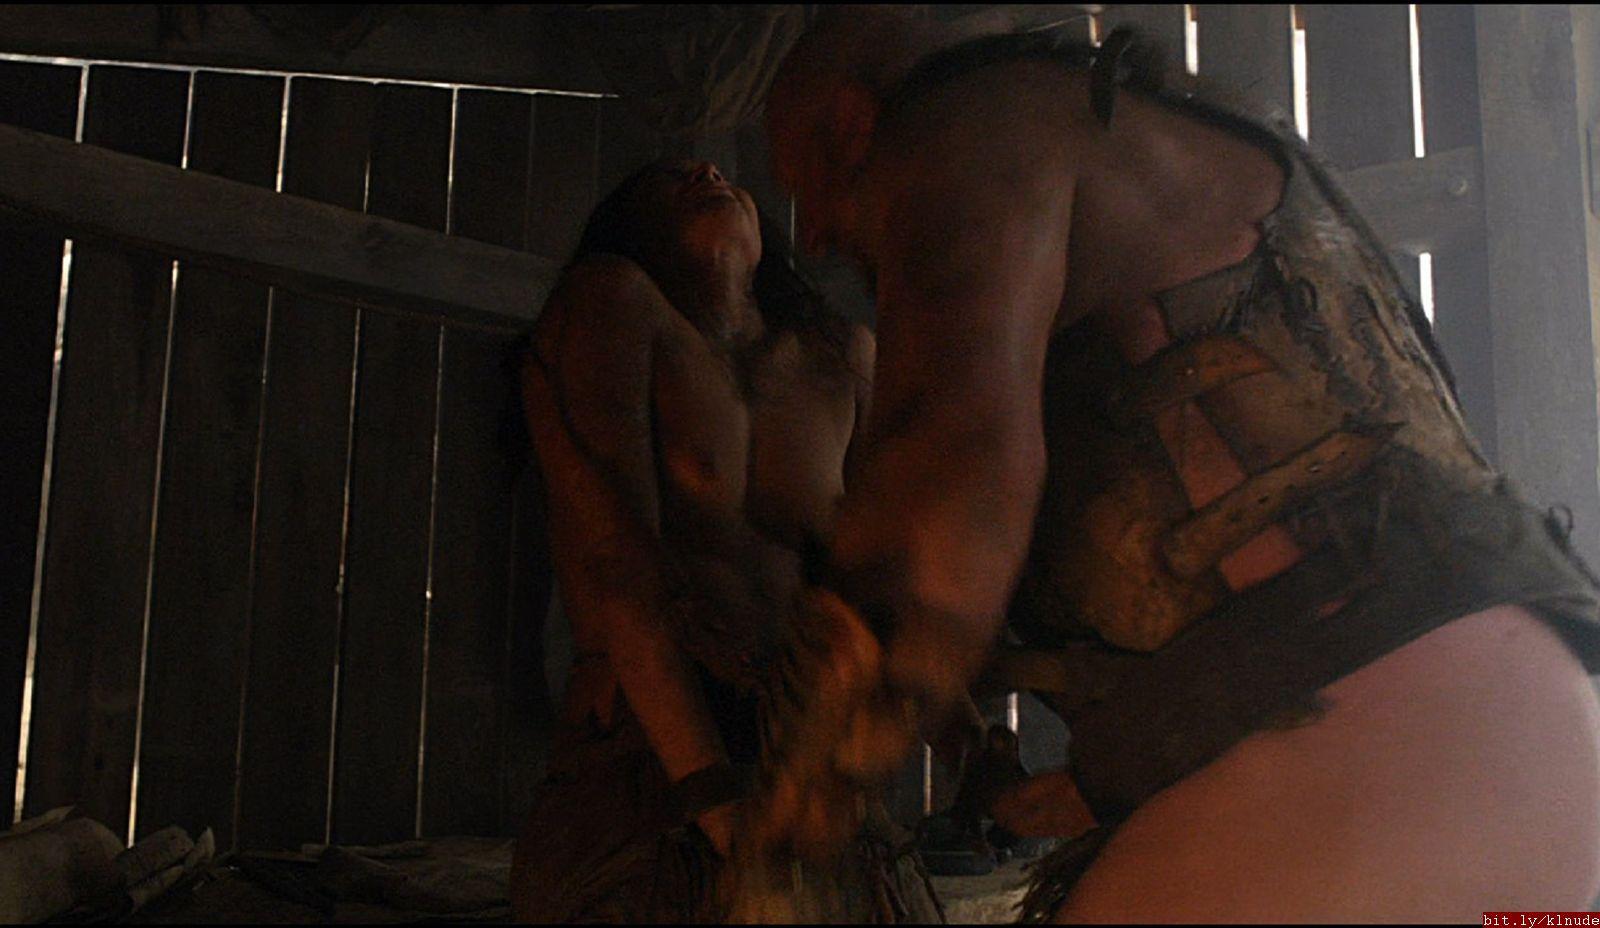 Naked fat woman big boobs